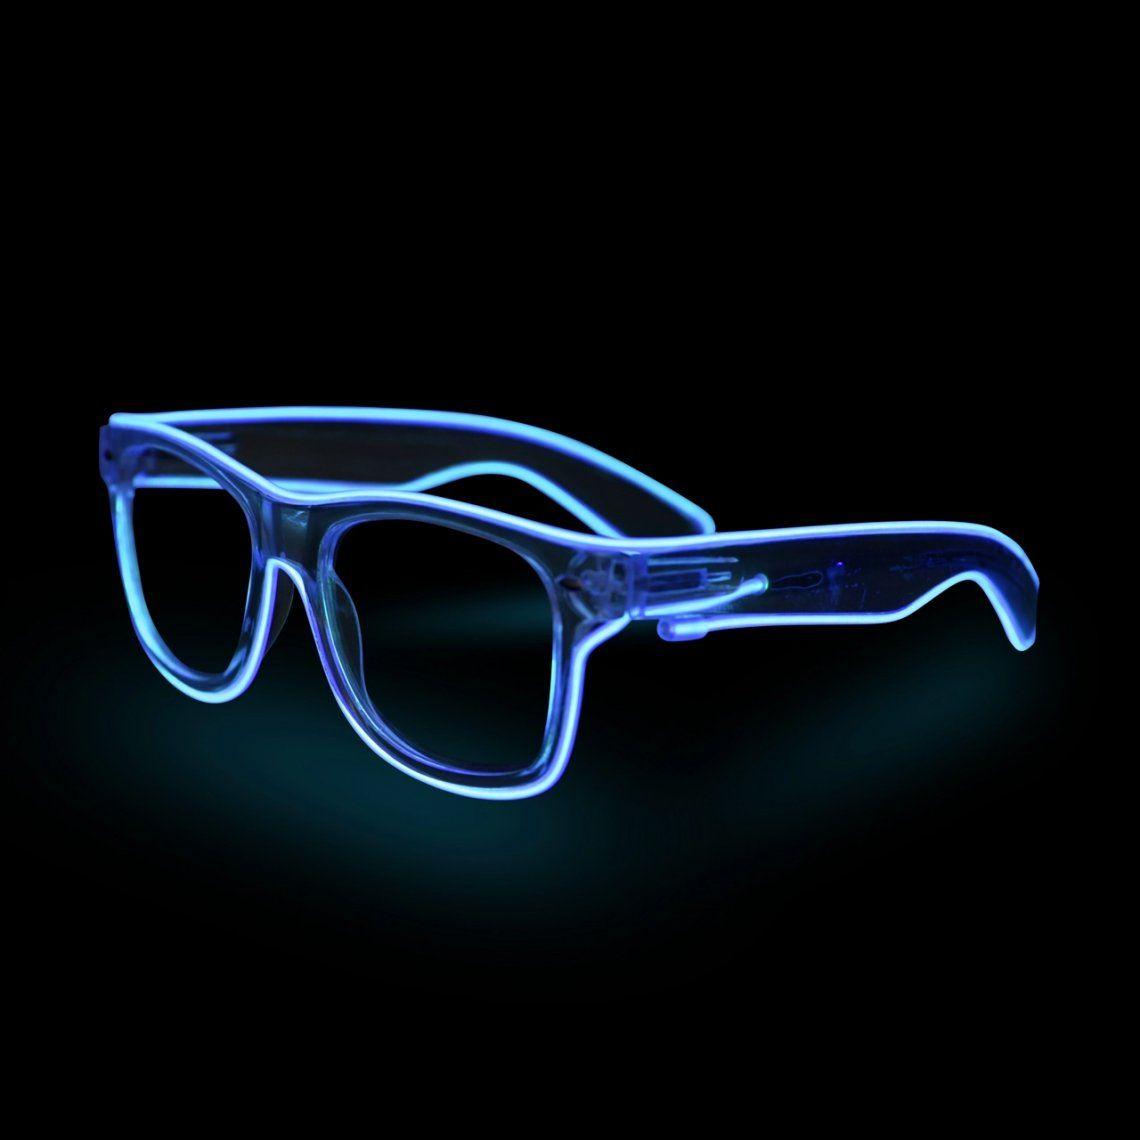 Australia: Gafas de visión infrarroja (Imagen ilustrativa)